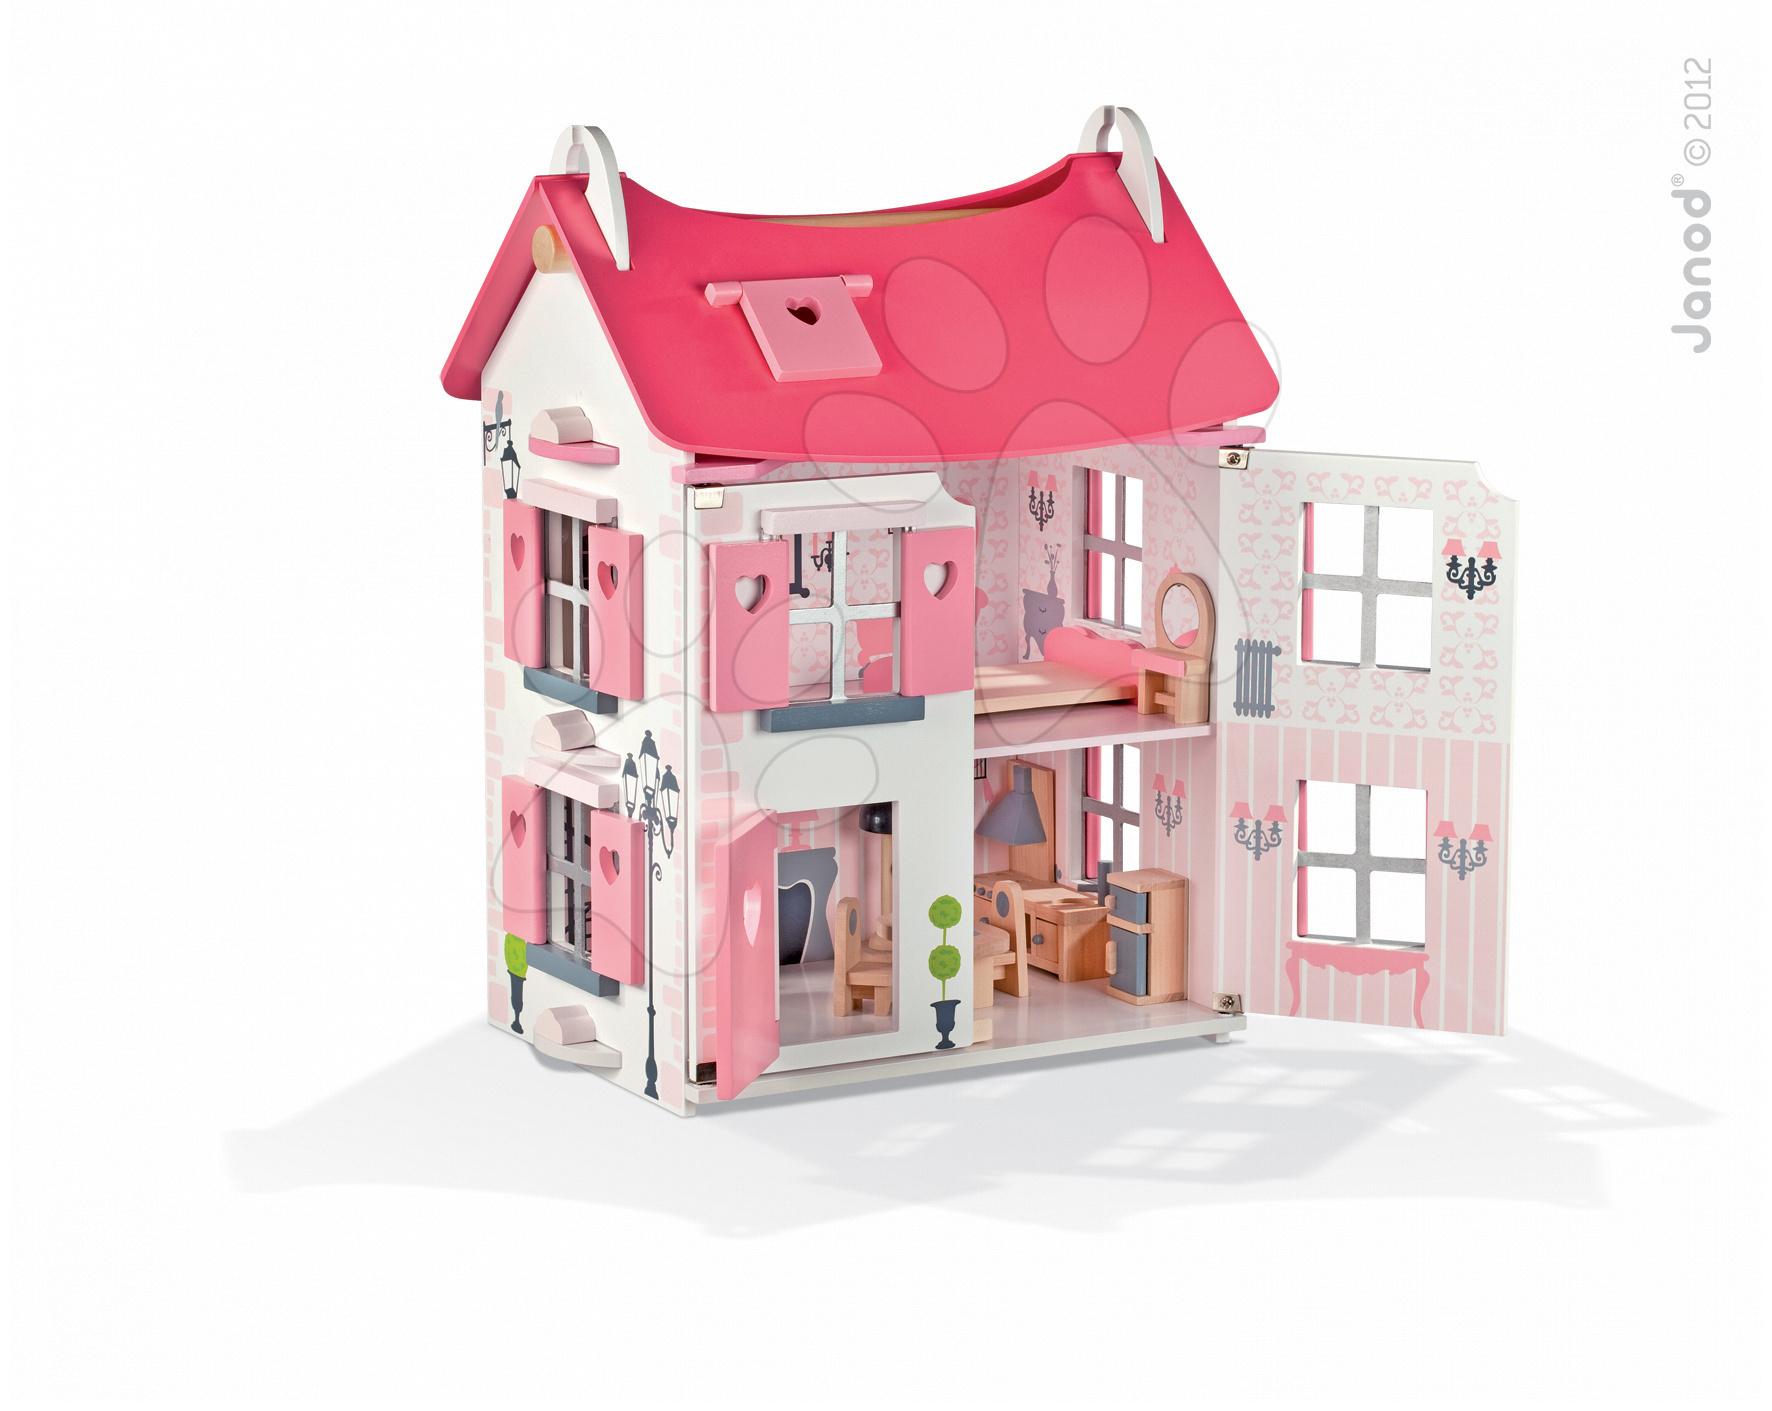 Domčeky pre bábiky - Drevený domček pre bábiky Mademoiselle Doll's House Janod so 17 doplnkami